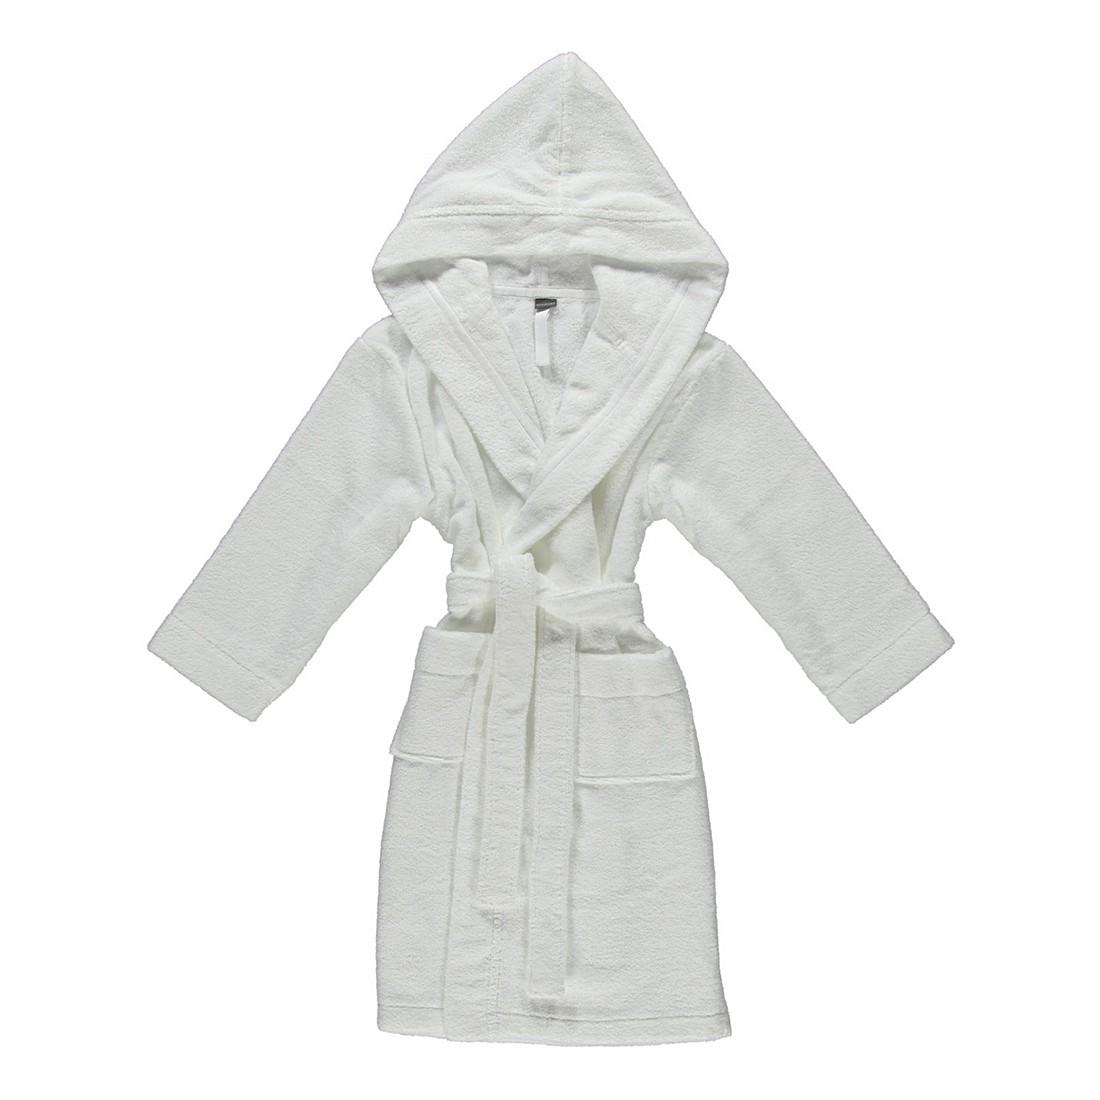 Kinderbademantel Basic – Kinder – FRottier – 100% Baumwolle Weiß – 100 – Größe: 140, Schiesser günstig